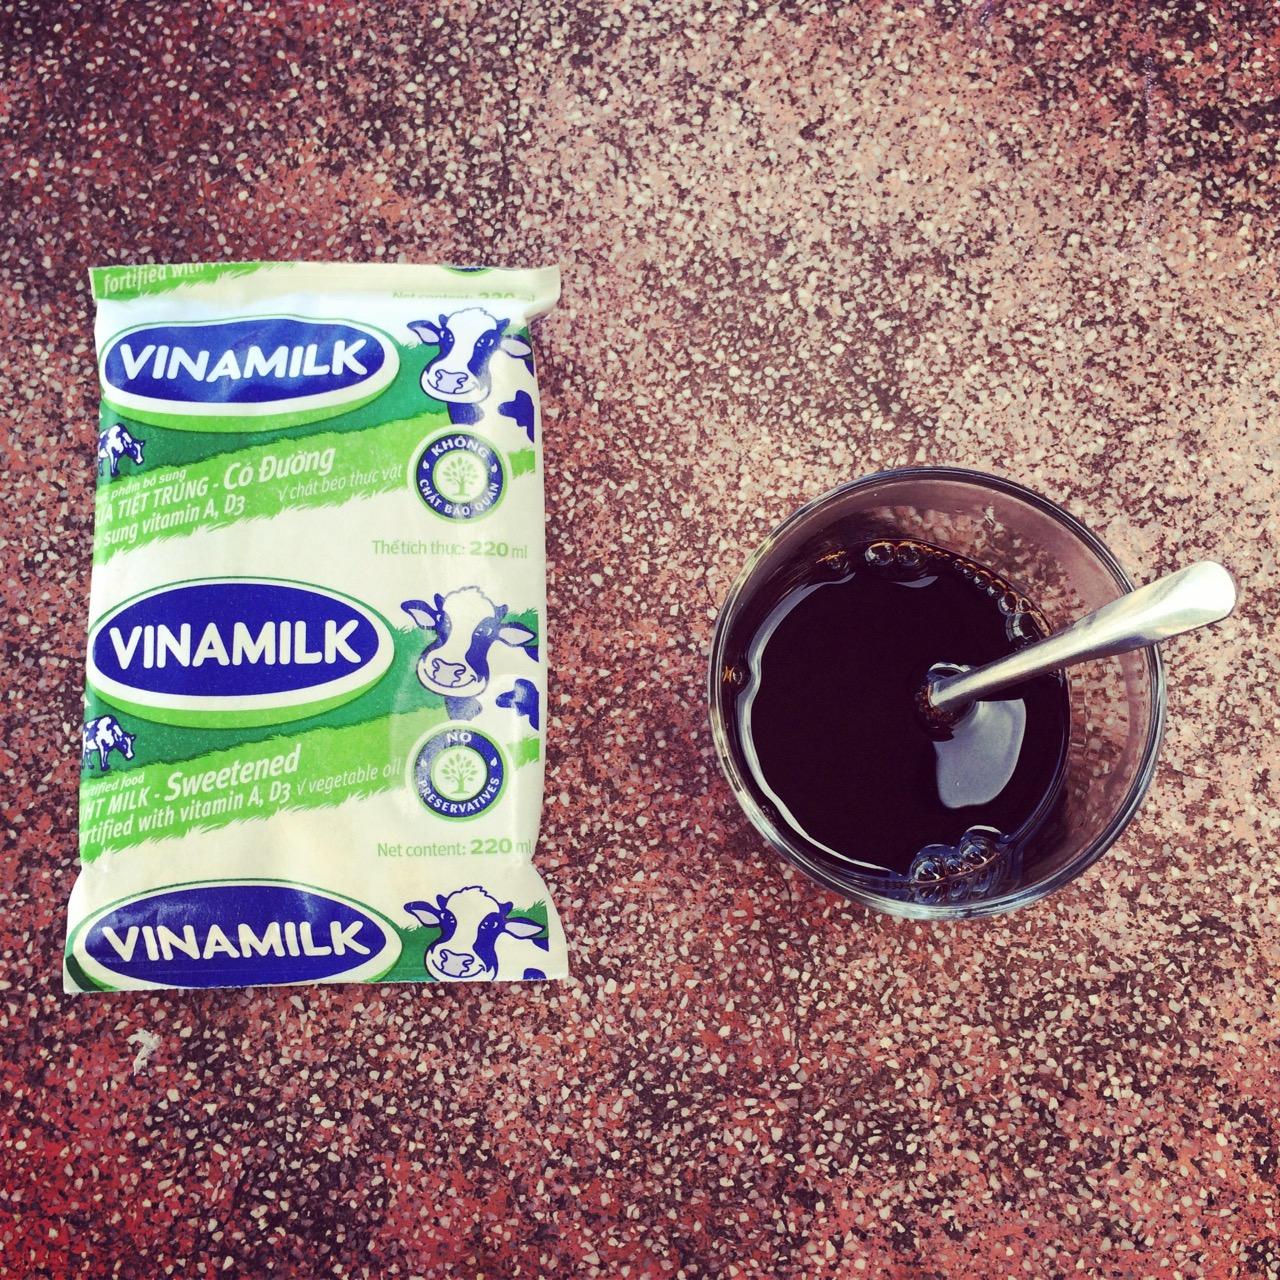 Путешествие по Вьетнаму, Фукуок: Кофе с молоком